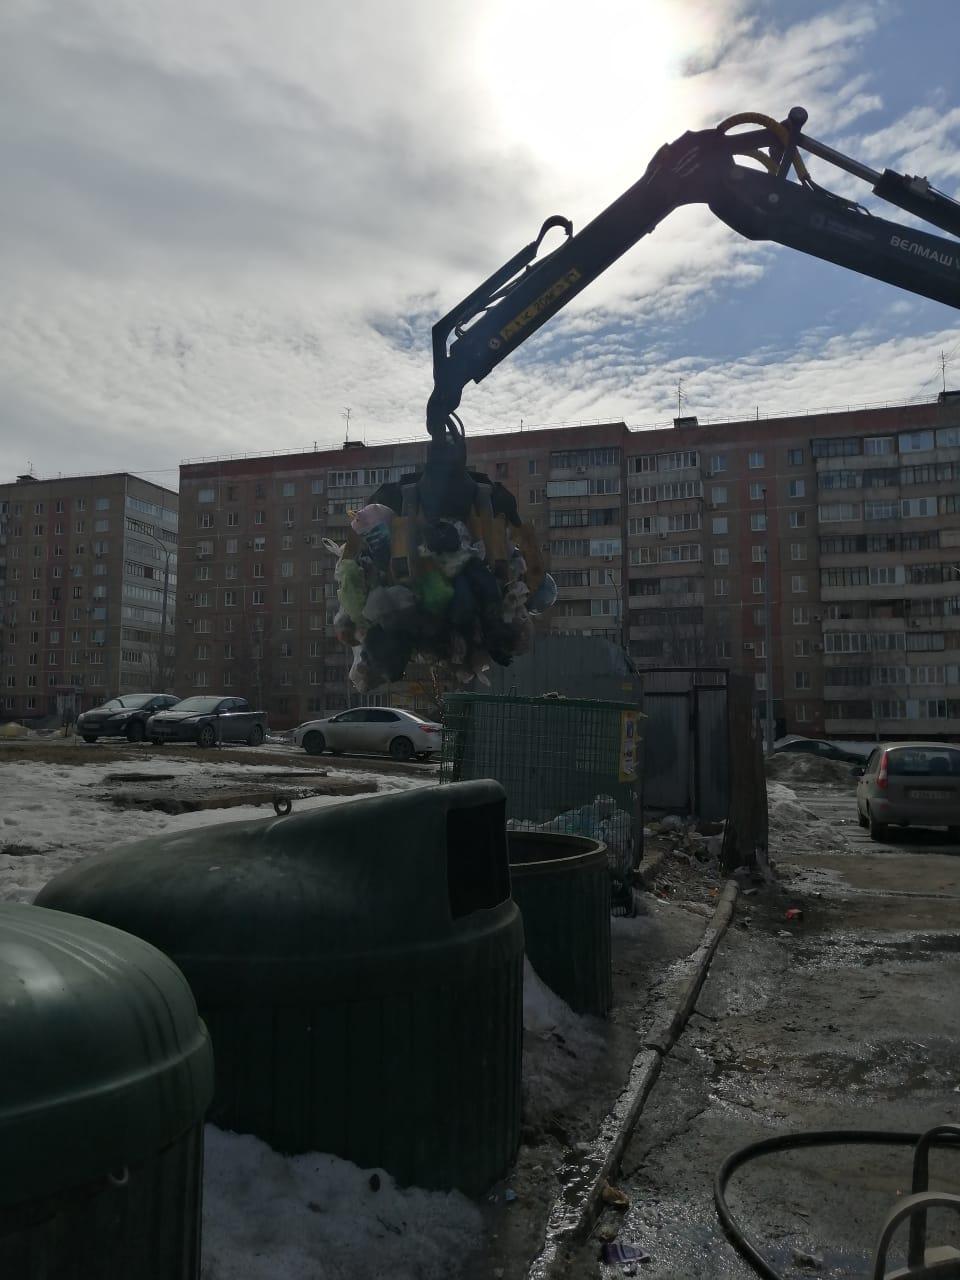 Замена мусорного мешка в контейнере по сбору ТБО. Салмышская 43/1